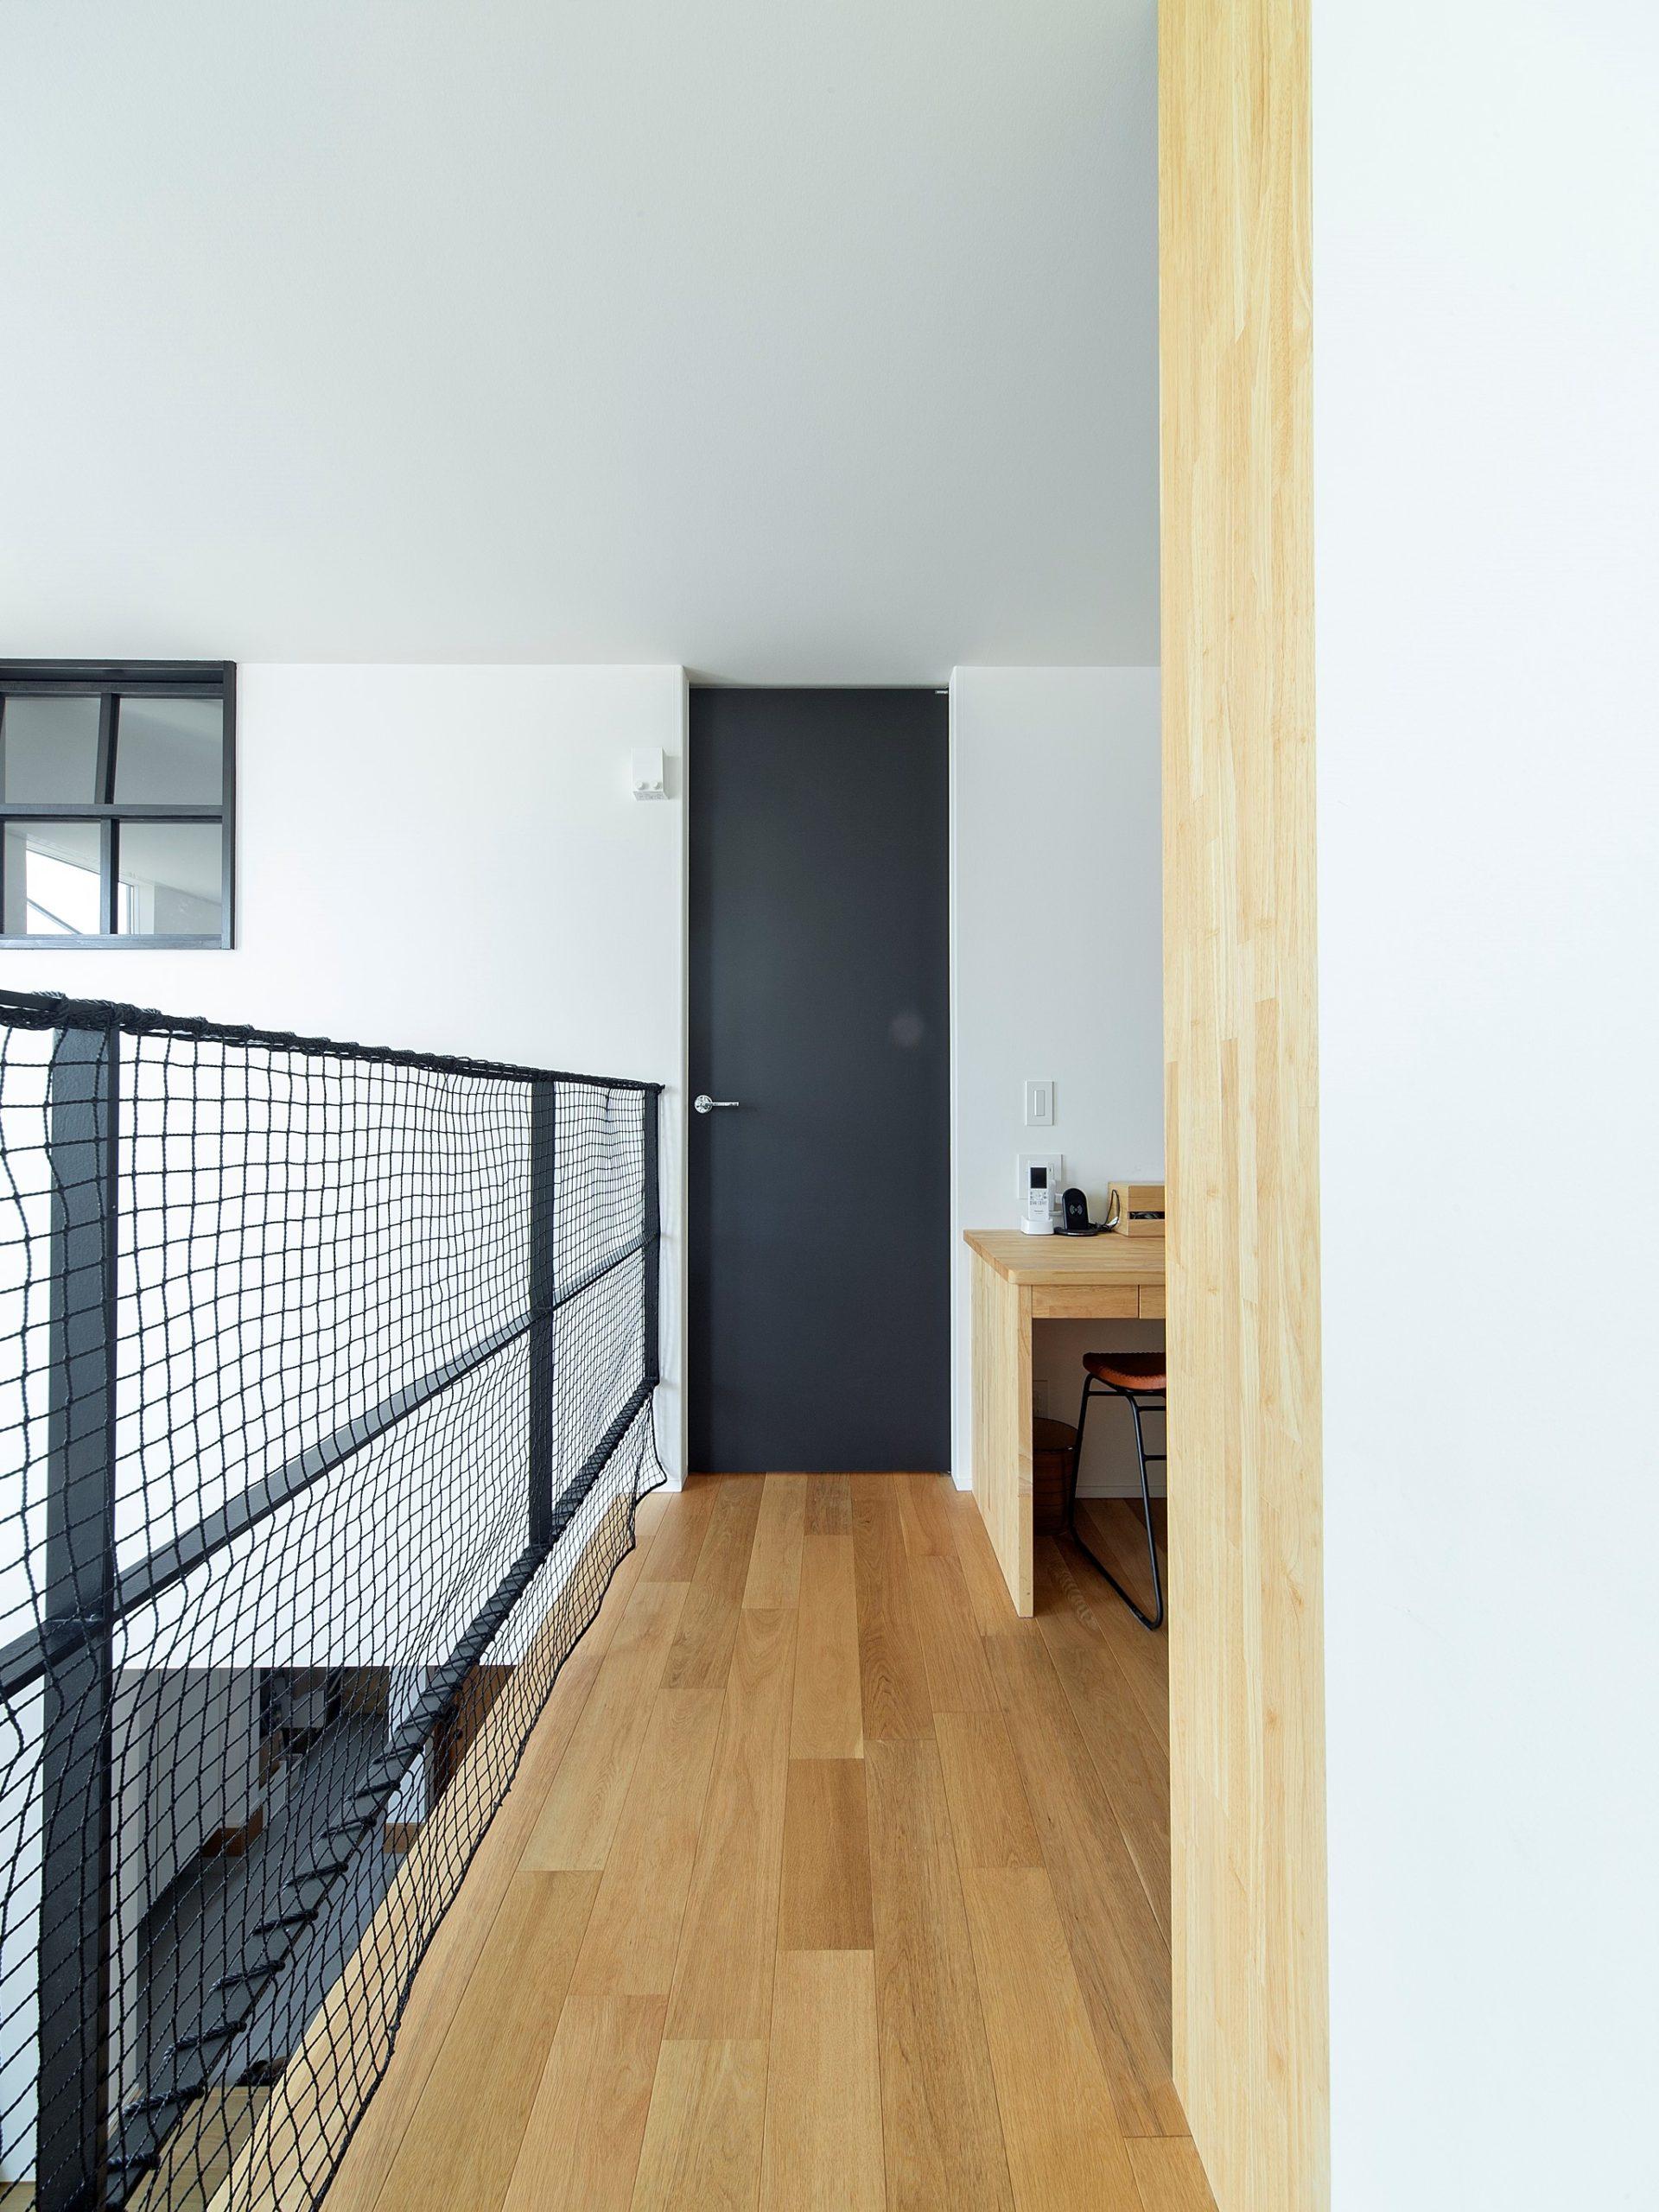 ブラックのドアを印象的に設けています。黒で空間を引き締める。テーマも家づくりで大切にすることです